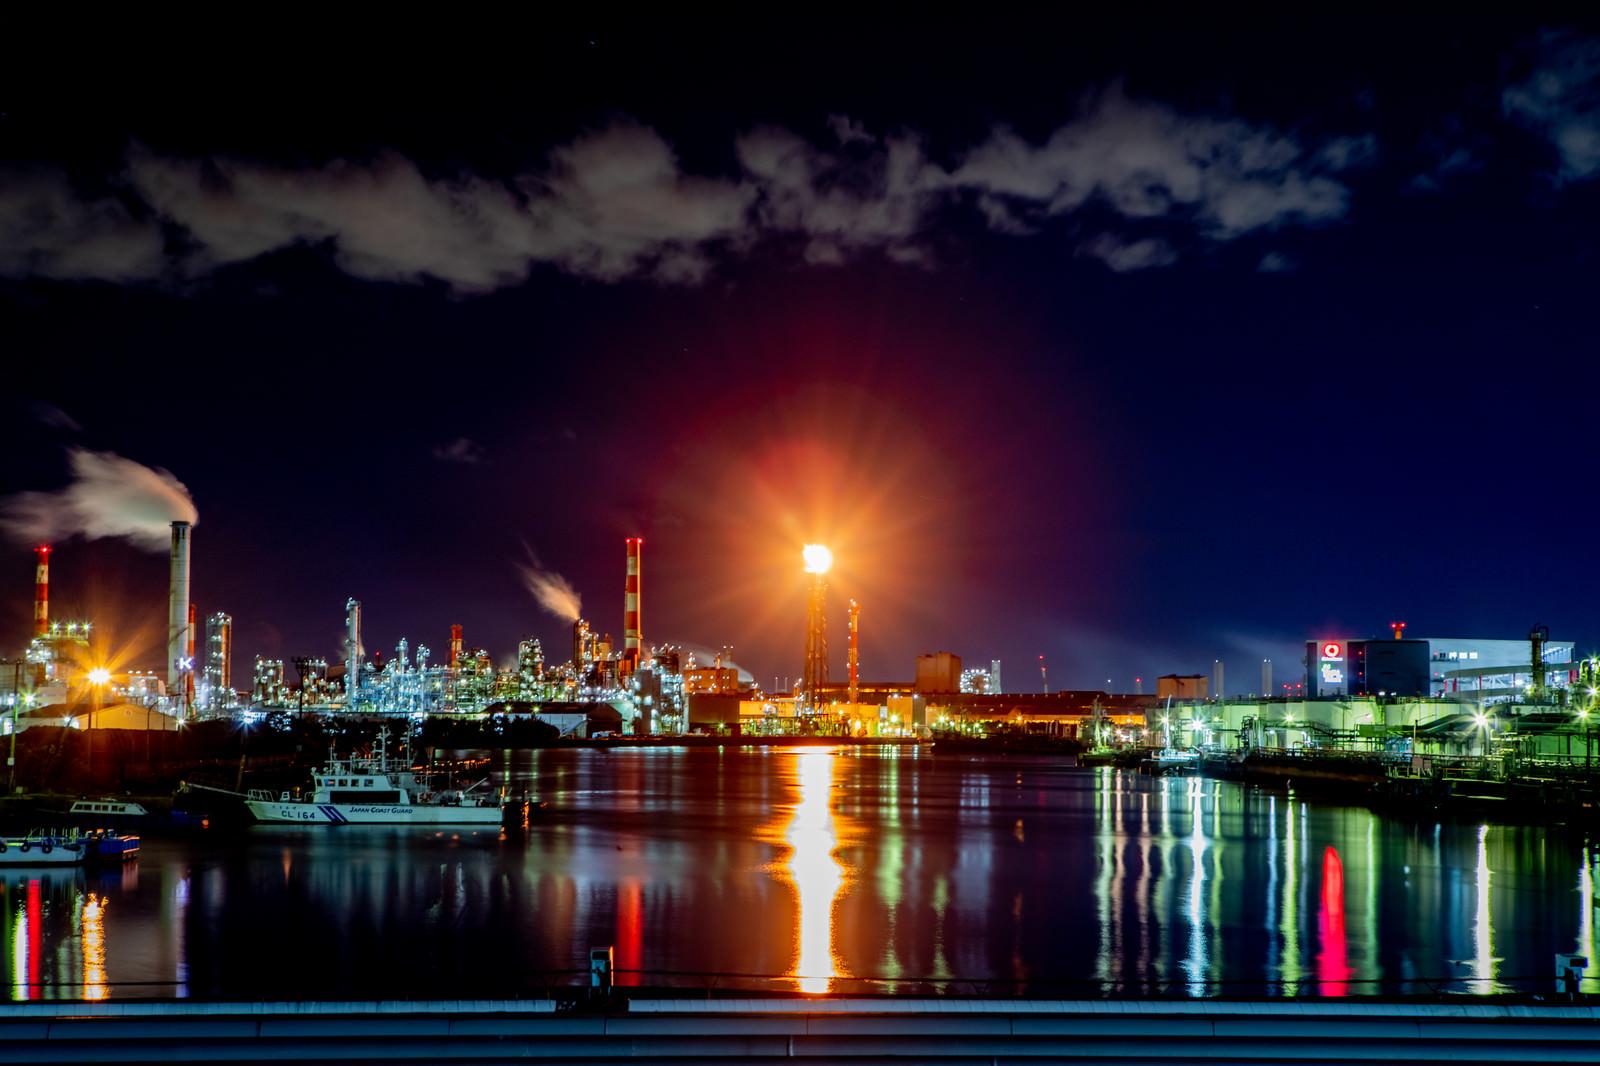 水面に映る川崎工場夜景とフレアスタックの写真(画像)を無料ダウンロード - フリー素材のぱくたそ